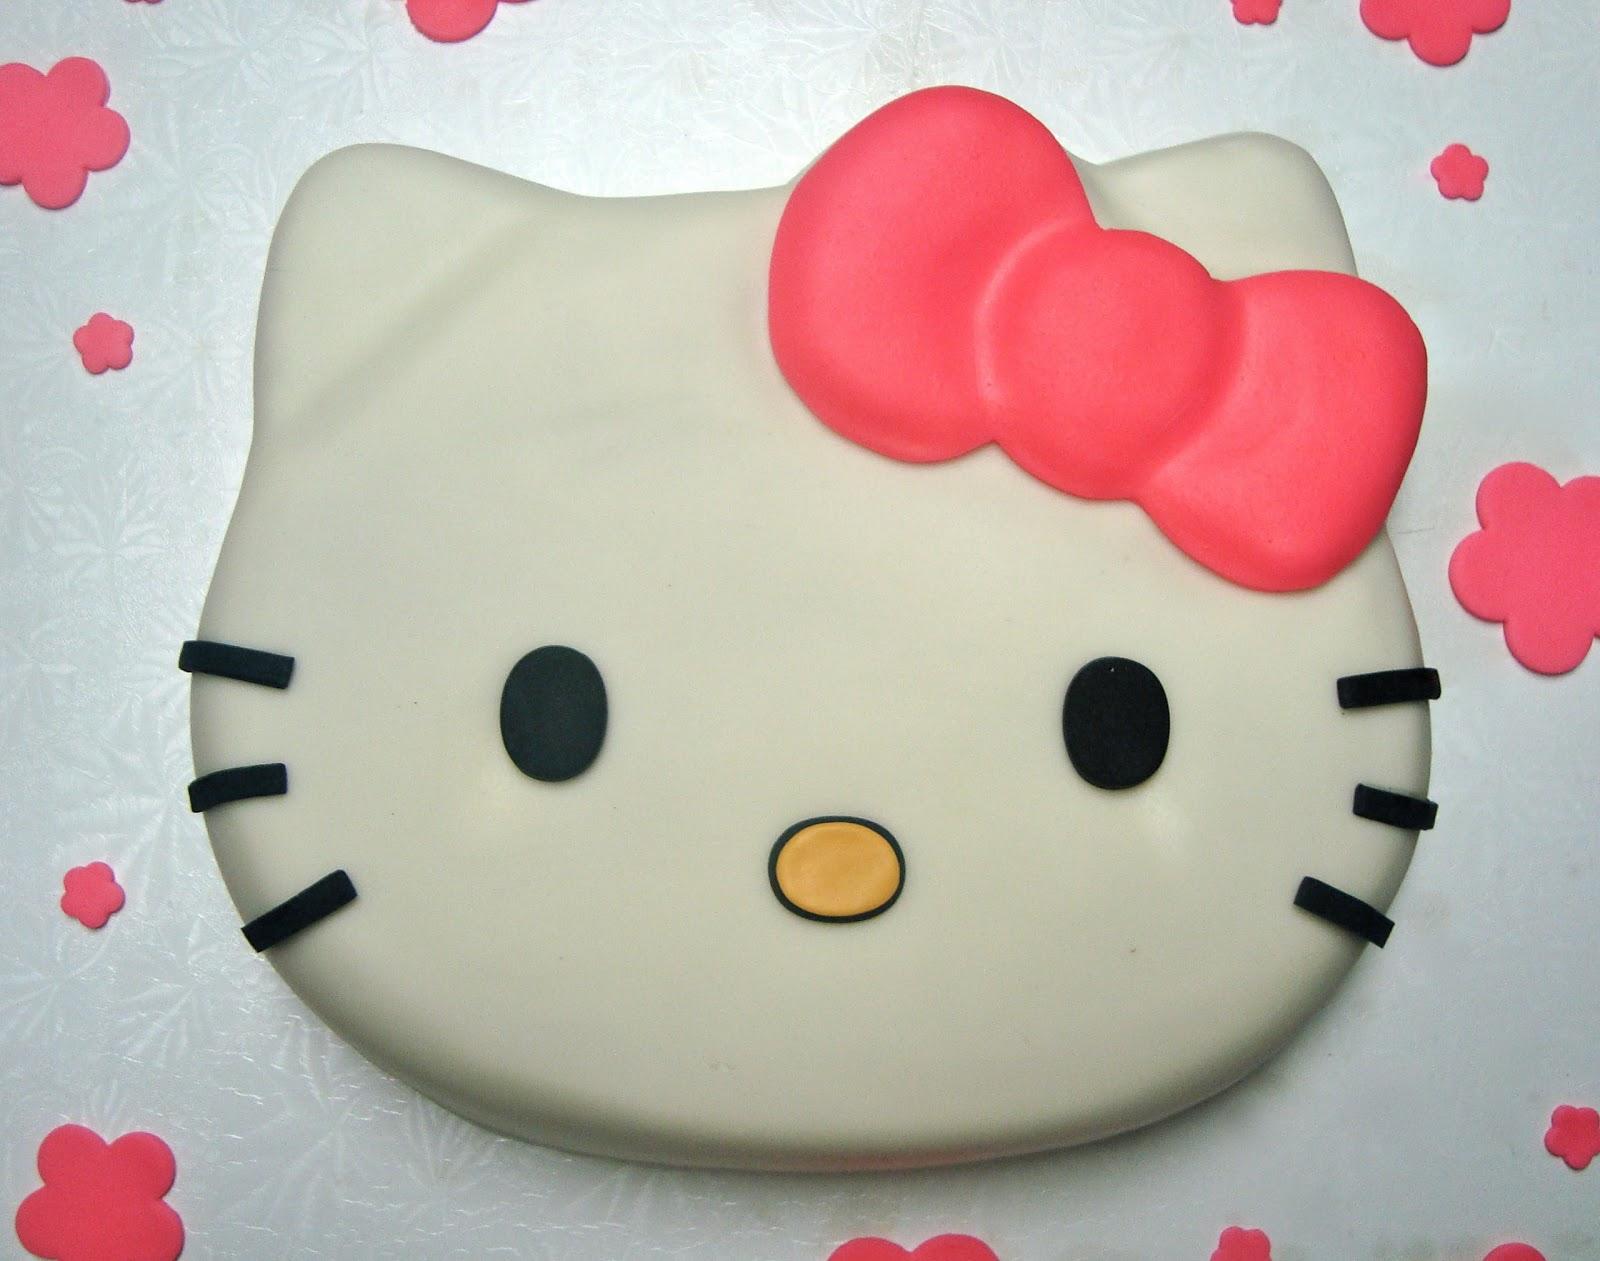 Apron Strings Baking Crumb Coat Cakes Hello Kitty